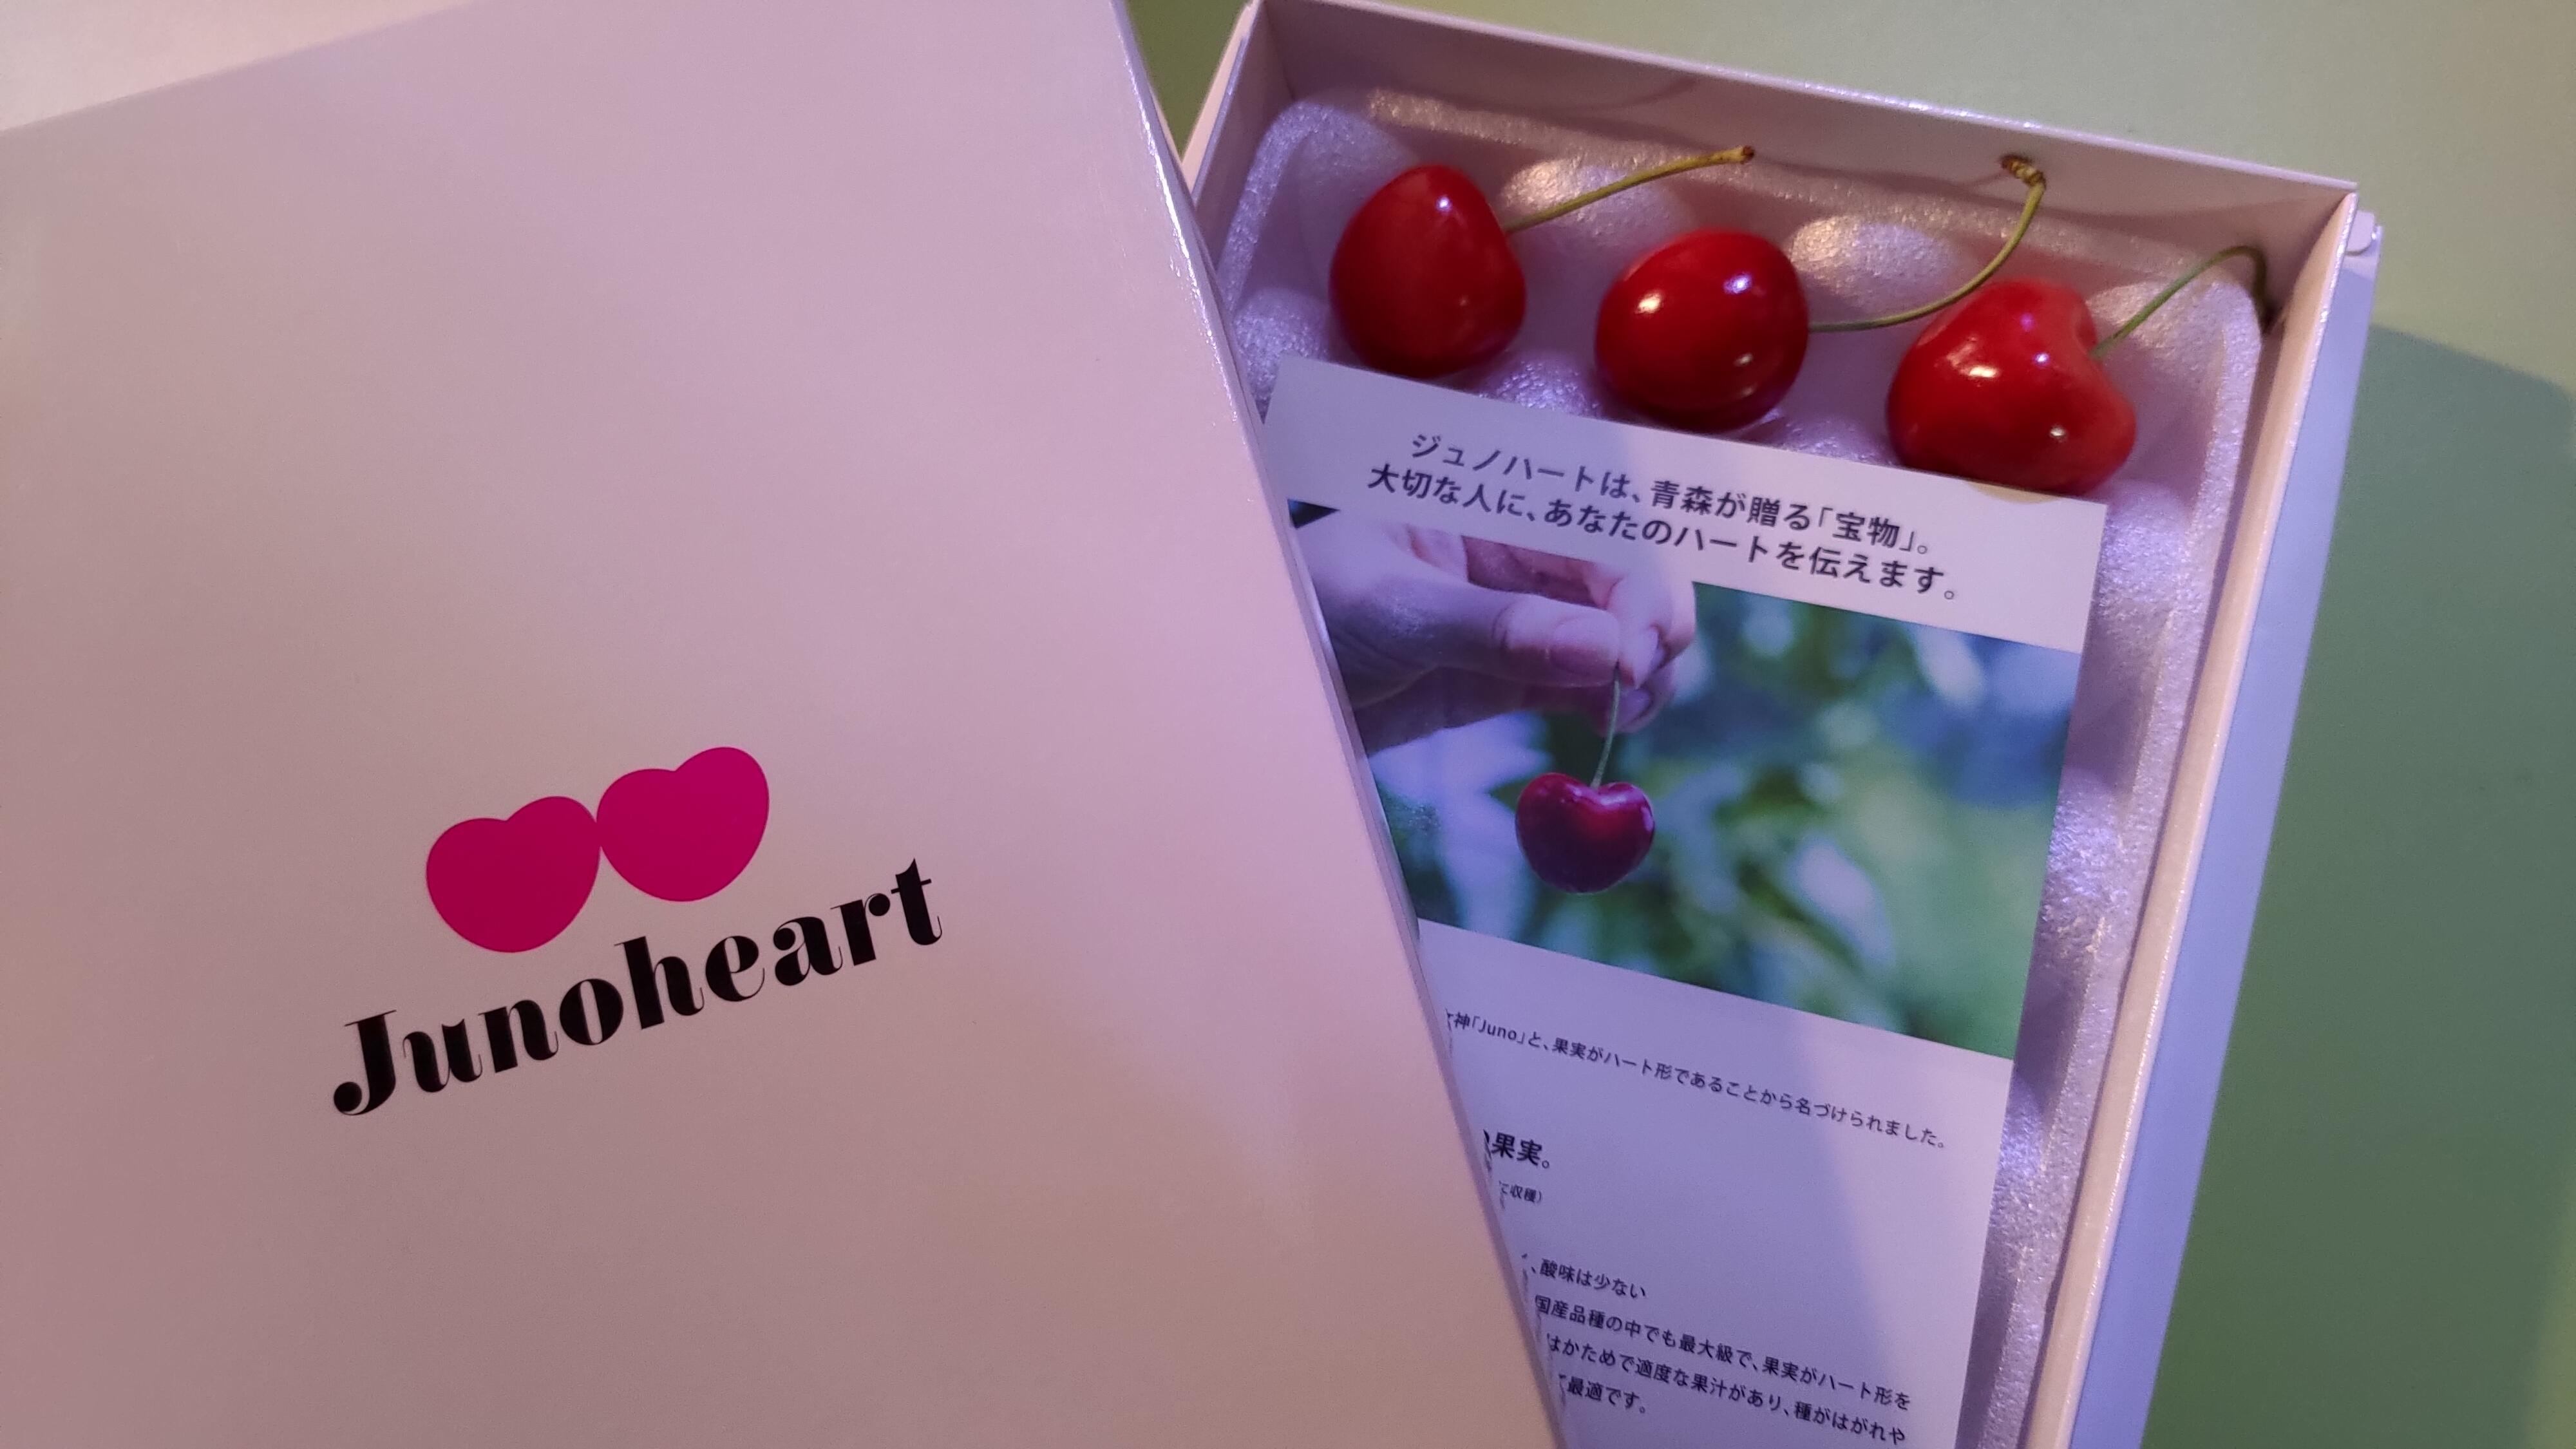 1粒2万円のサクランボ